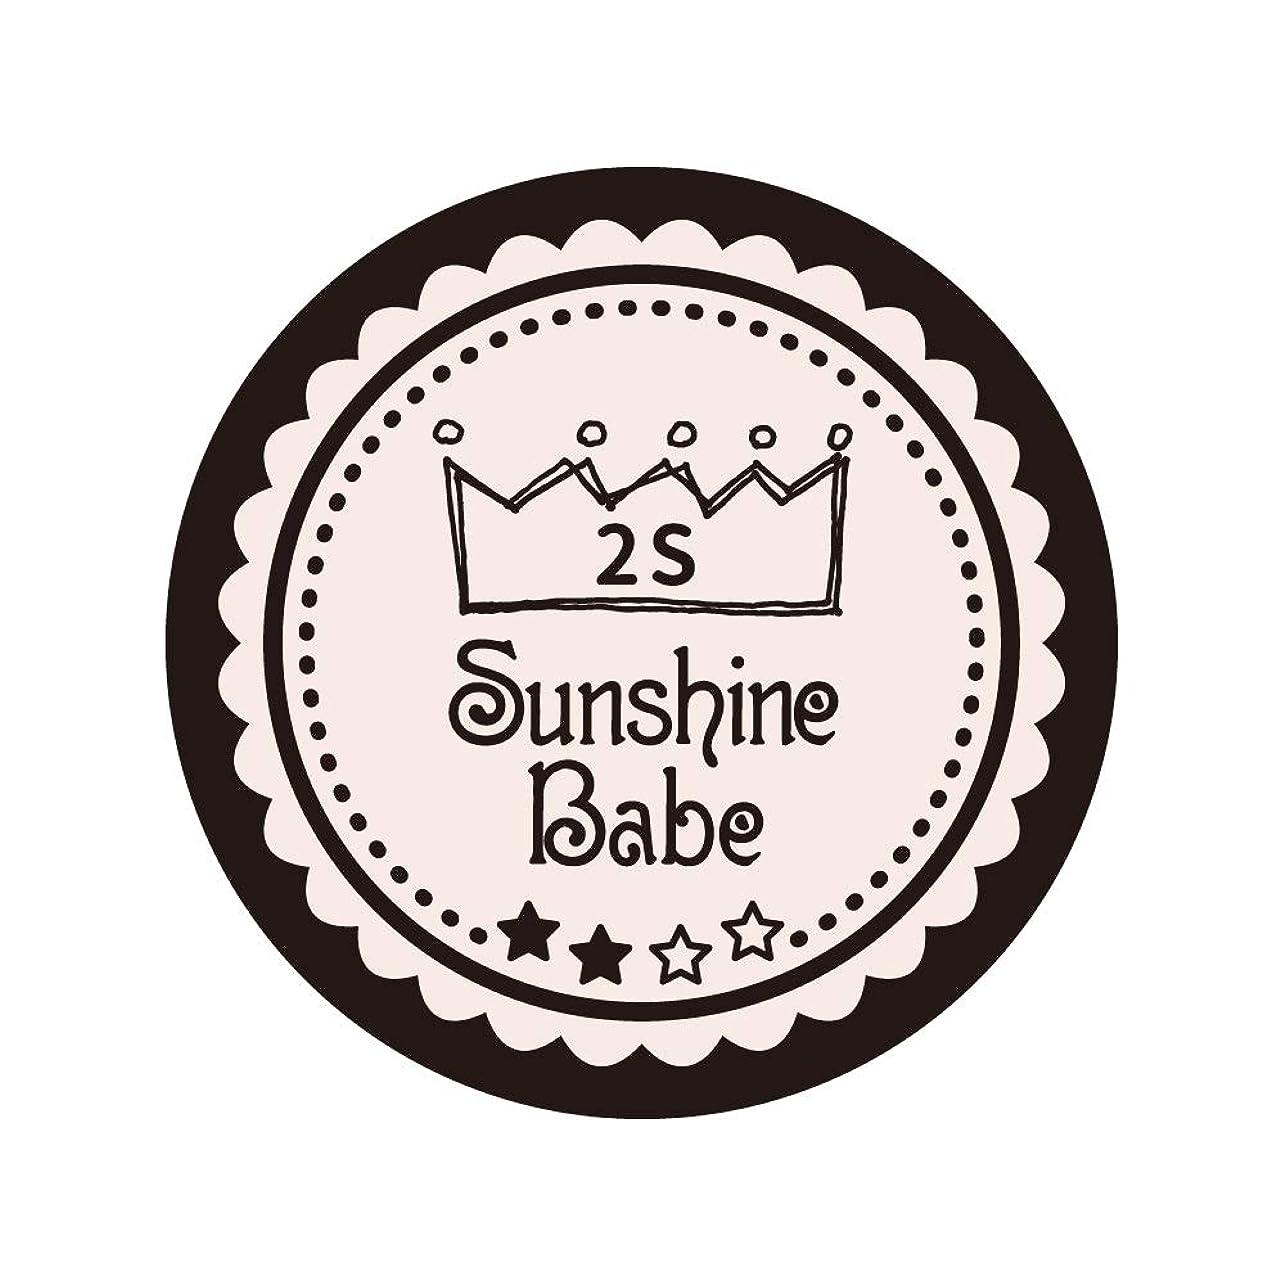 継承フロー労苦Sunshine Babe コスメティックカラー 2S オールモーストモーブ 4g UV/LED対応